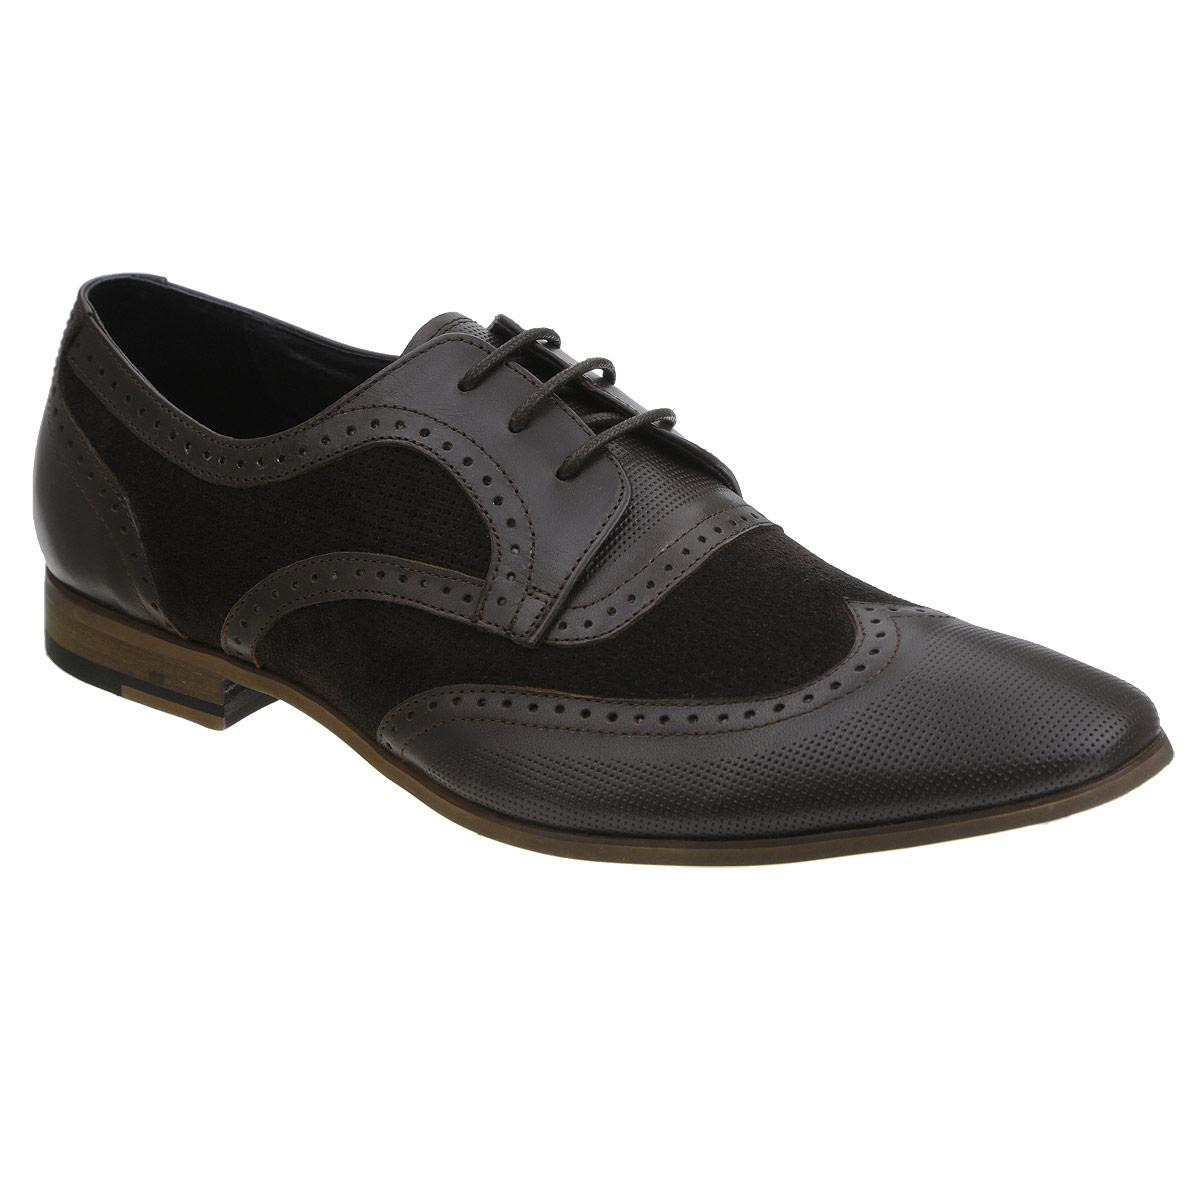 Туфли110-17-01Элегантные мужские туфли от Dino Ricci займут достойное место среди вашей коллекции обуви. Модель стилизована под броги и выполнена из натуральной высококачественной кожи. Изделие декорировано перфорацией. Шнуровка позволяет прочно зафиксировать модель на ноге. Стелька из натуральной кожи оснащена перфорацией, позволяющей вашим ногам дышать. Умеренной высоты каблук и подошва стилизованы под дерево и оснащены противоскользящим рифлением. Стильные туфли прекрасно дополнят ваш деловой образ.